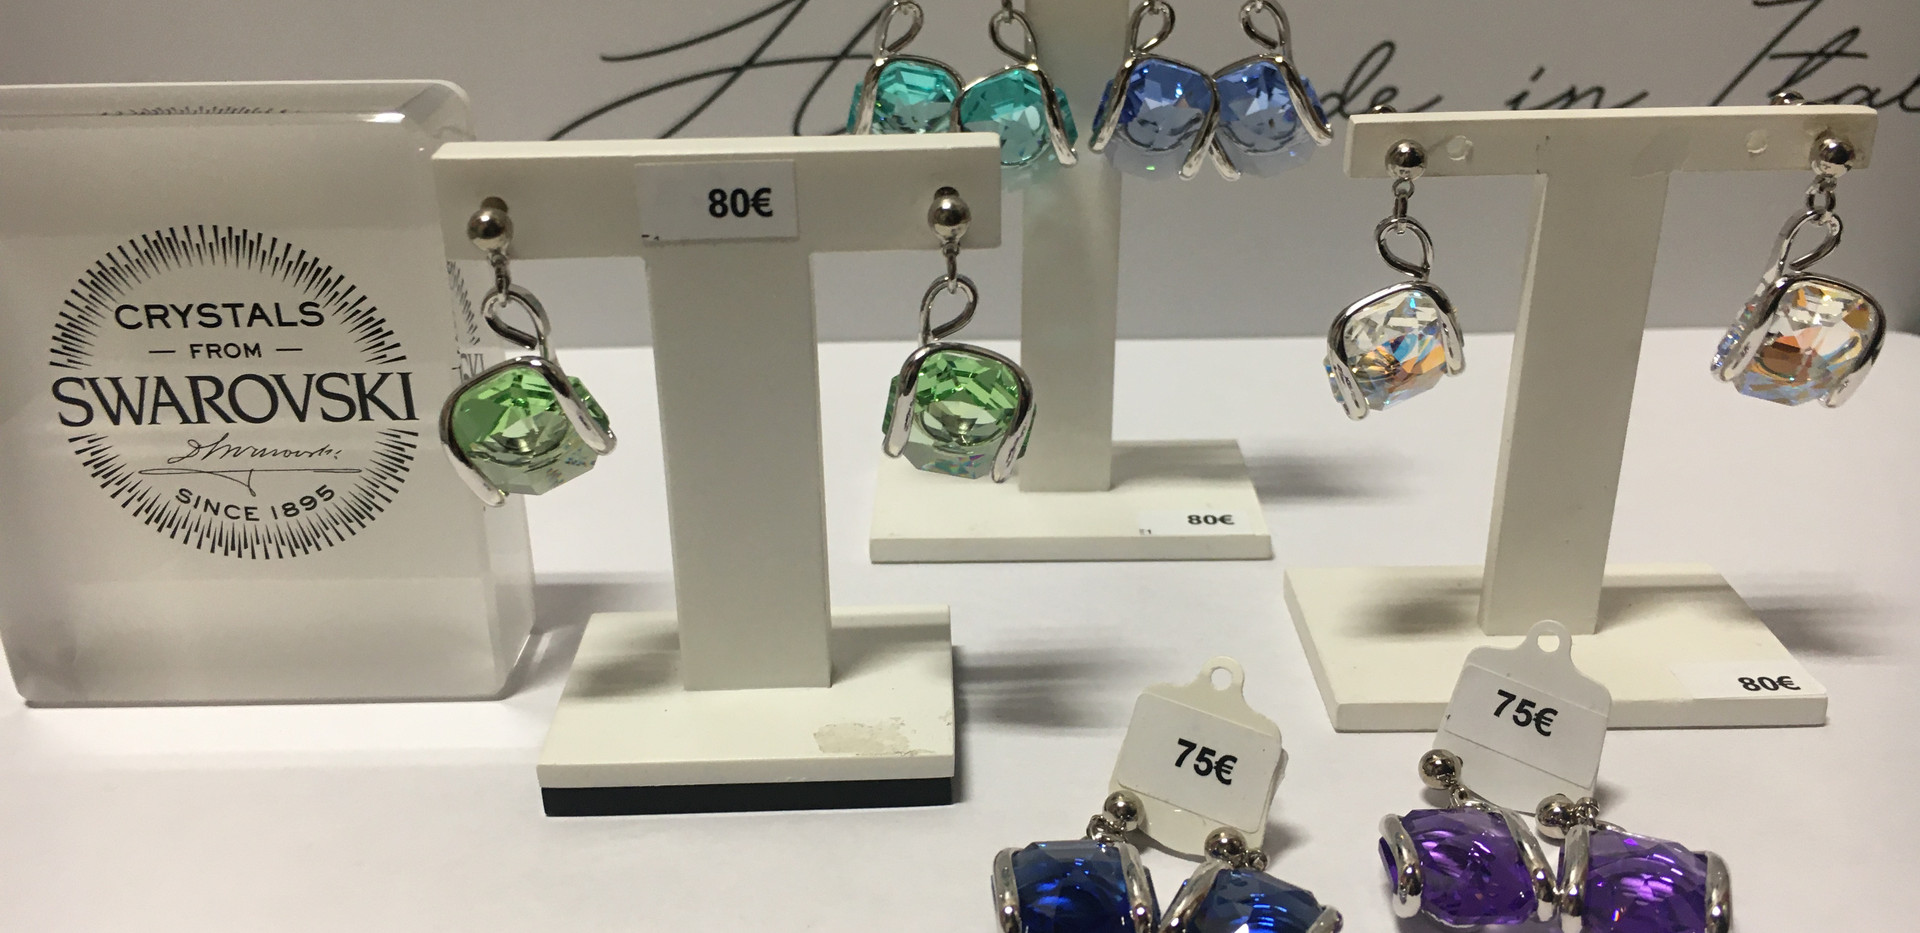 Choix de boucle oreille pendente cristal fermoir tige, poussette. 75€-85€